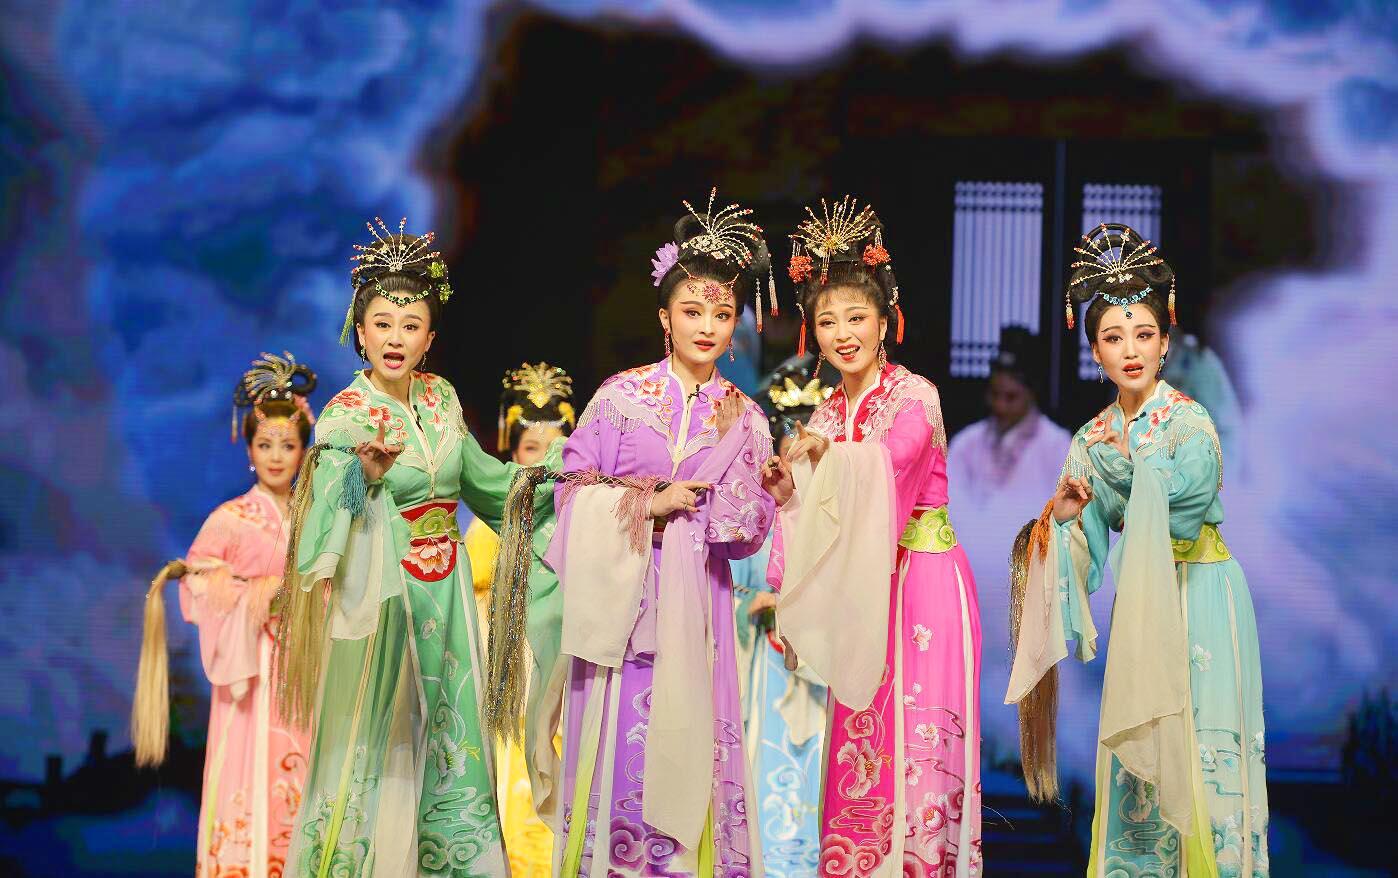 国粹经典 黄梅戏《天仙配》——安徽省黄梅戏剧院浓情